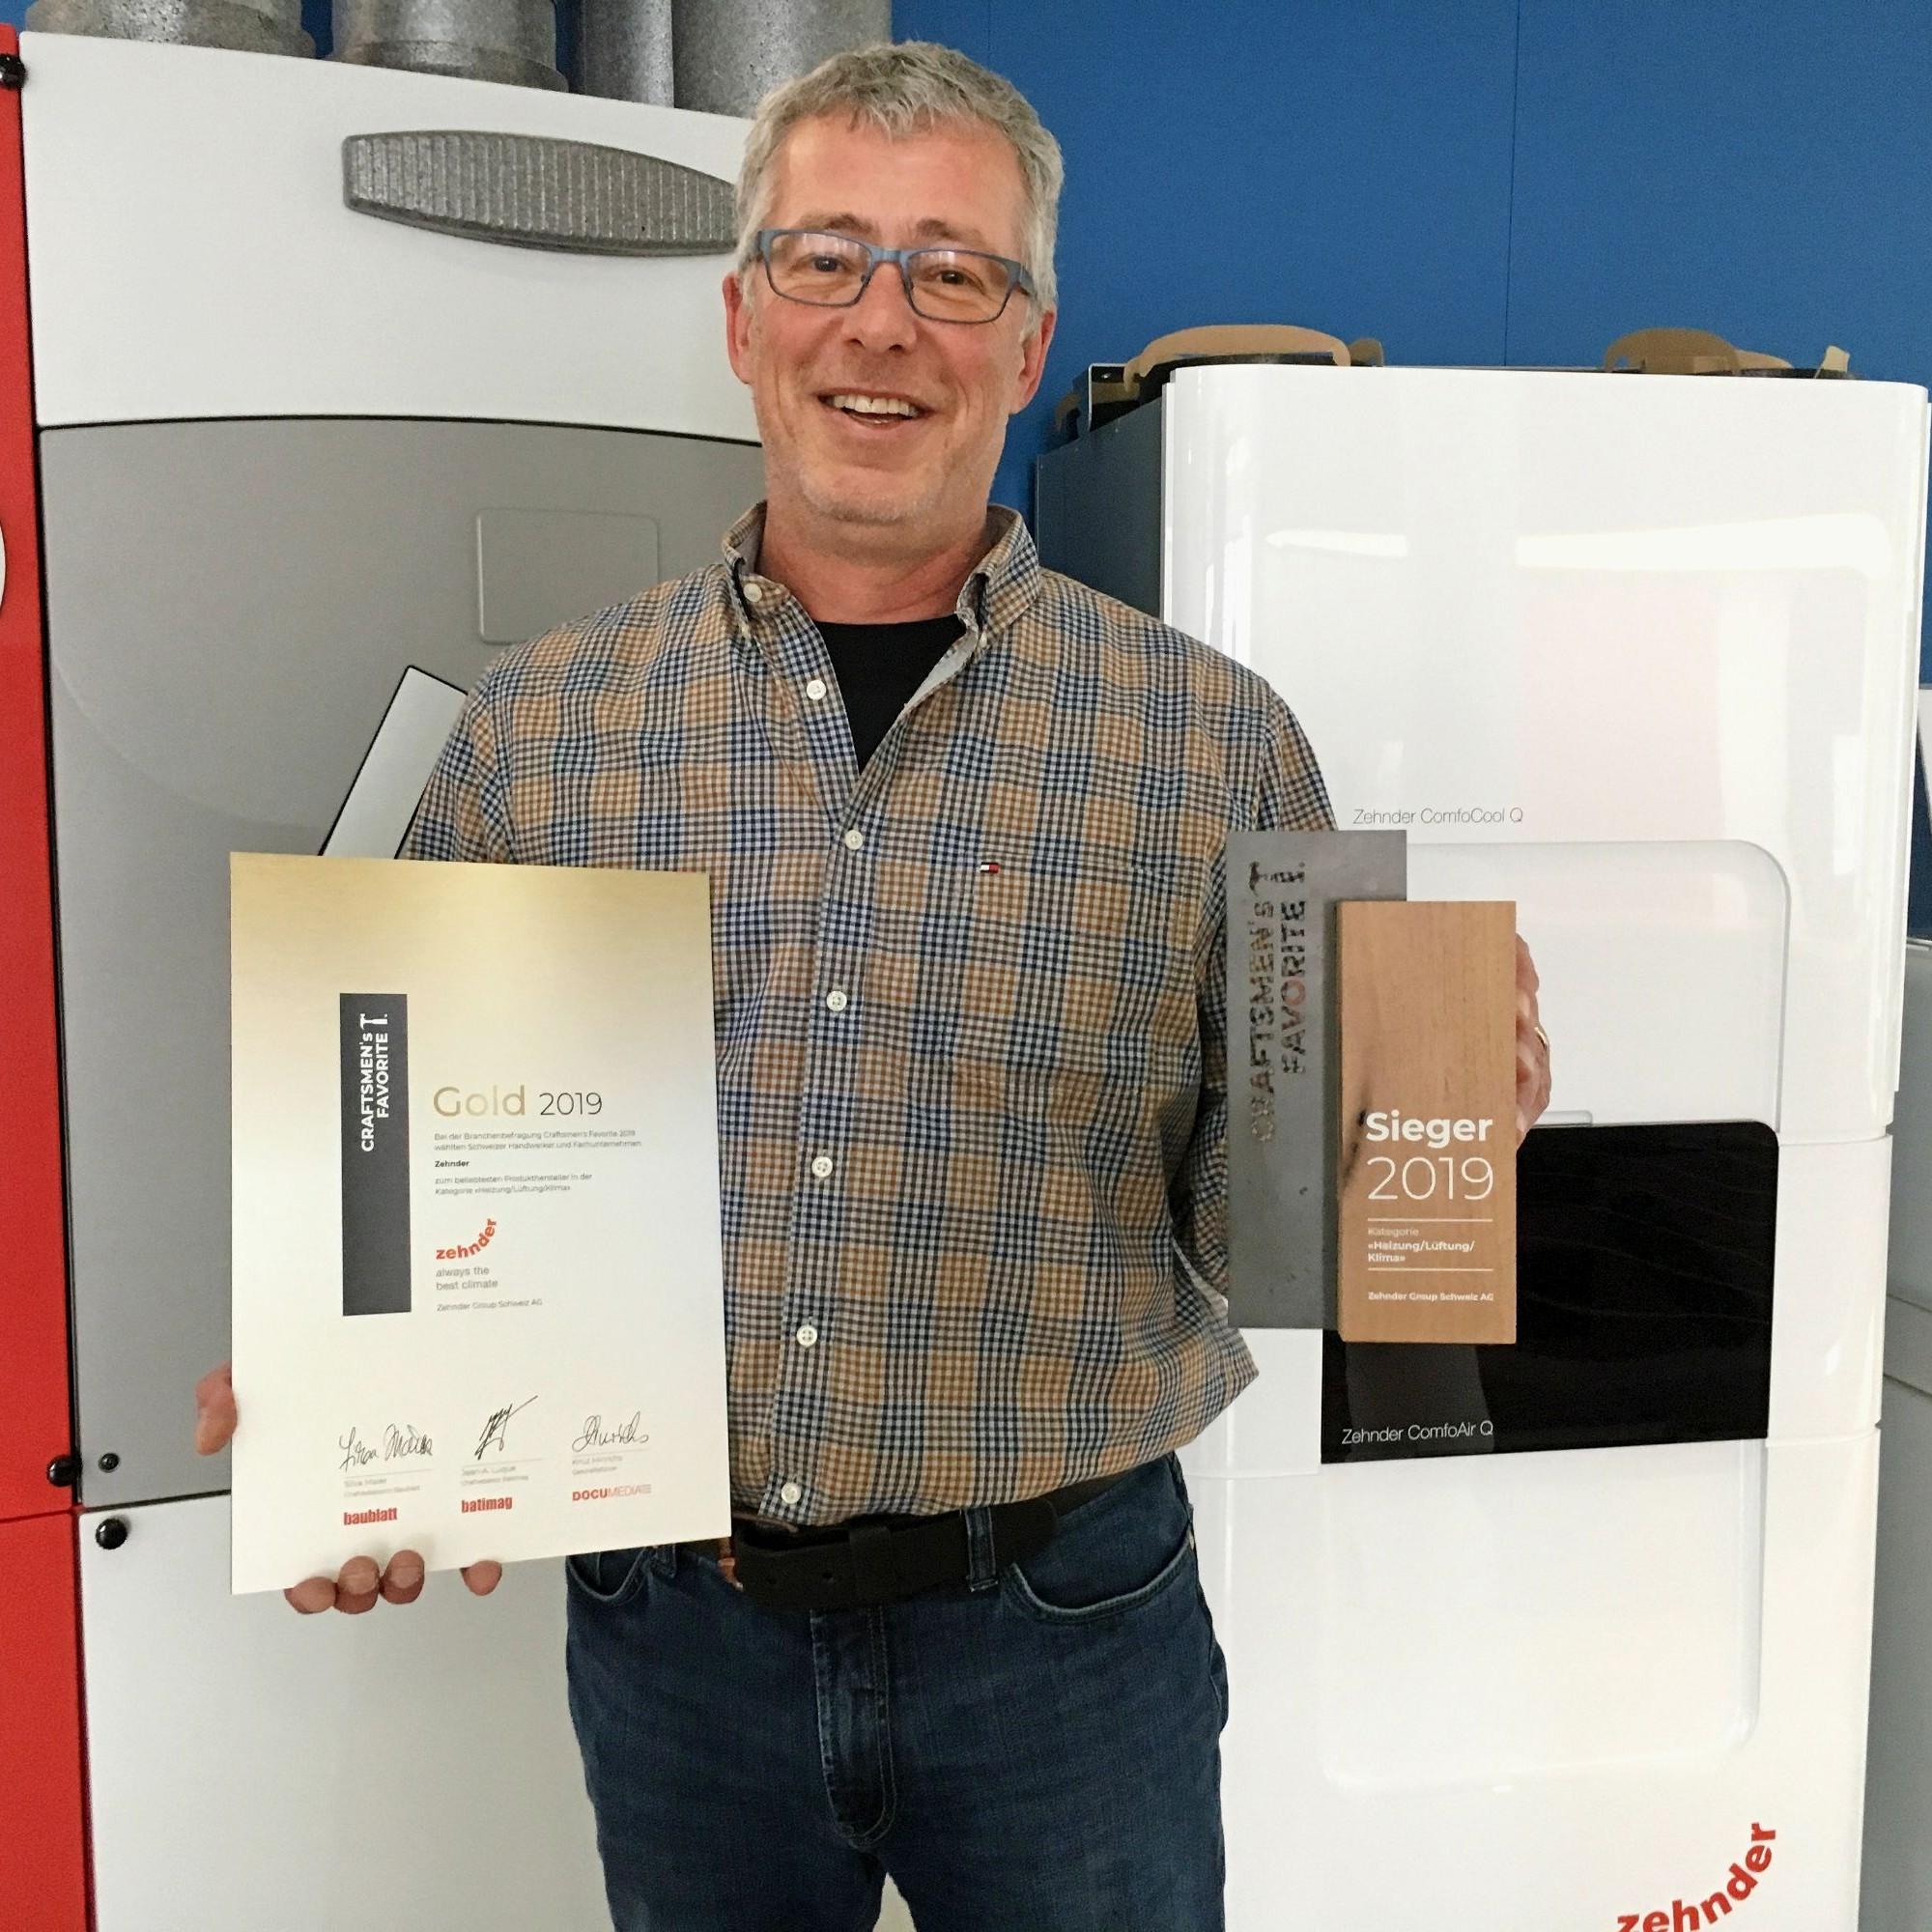 Dominik Hof, Leiter Marketingkommunikation, durfte für Zehnder den Award entgegennehmen.